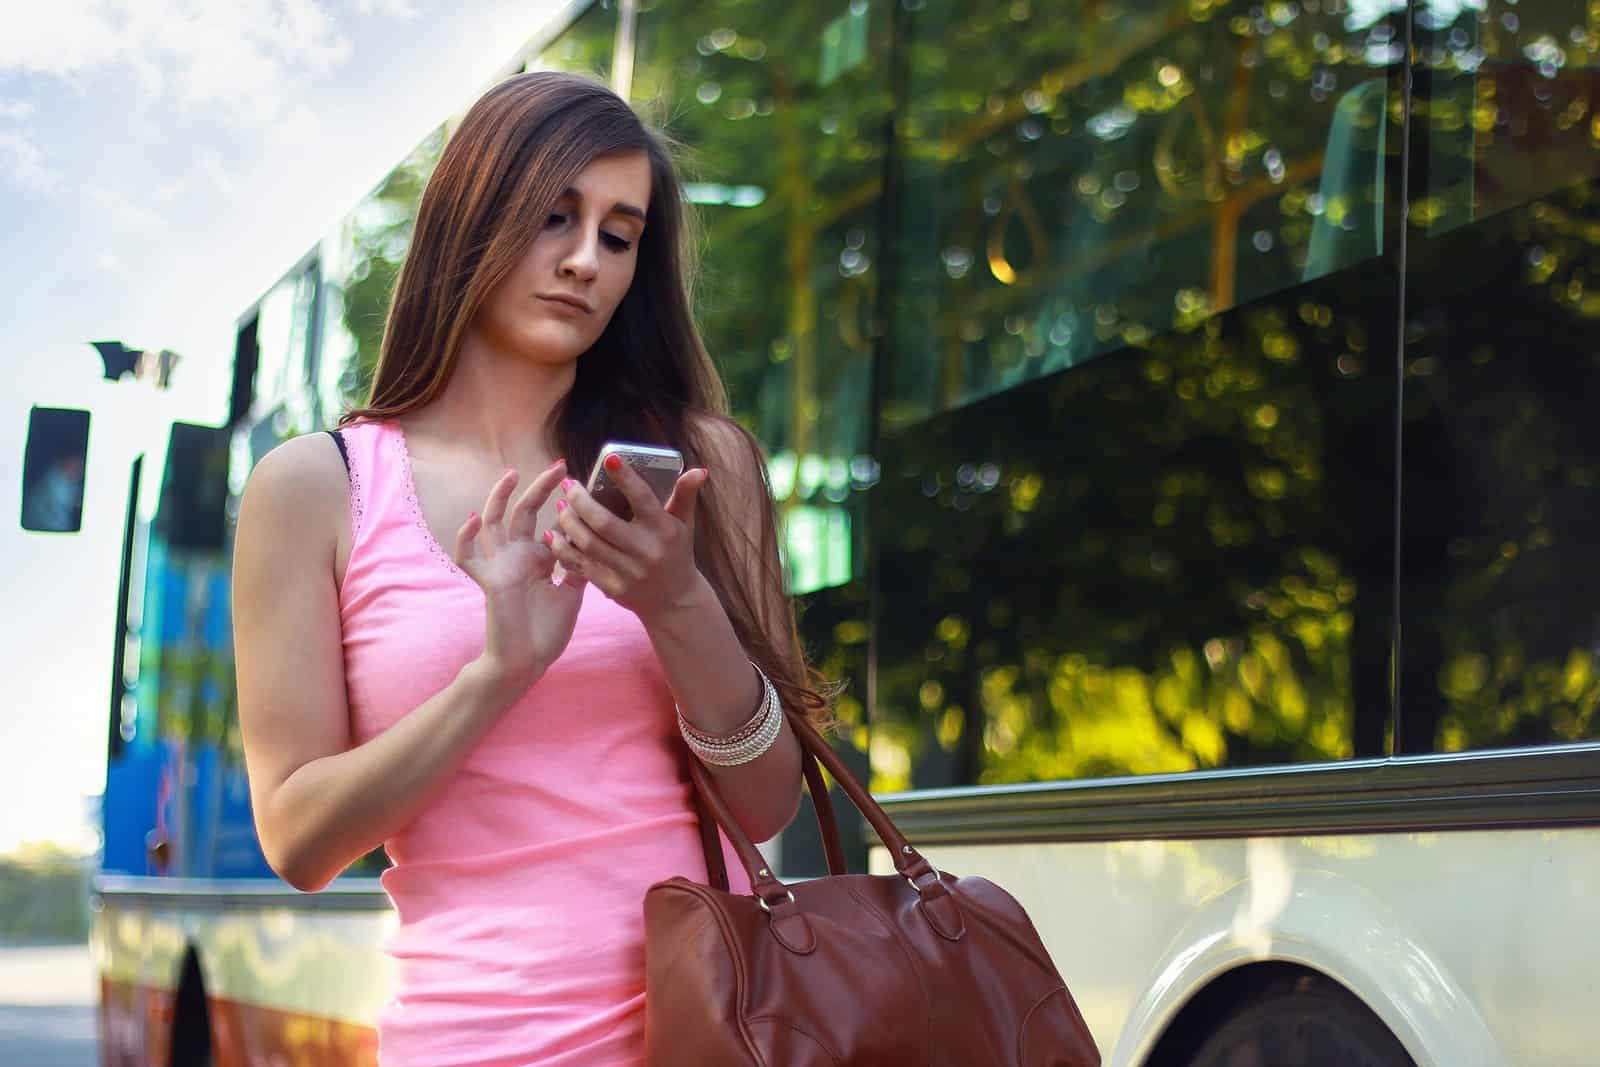 eine Frau, die auf einem Smartphone tippt und gelangweilt aussieht, während sie auf der Straße steht